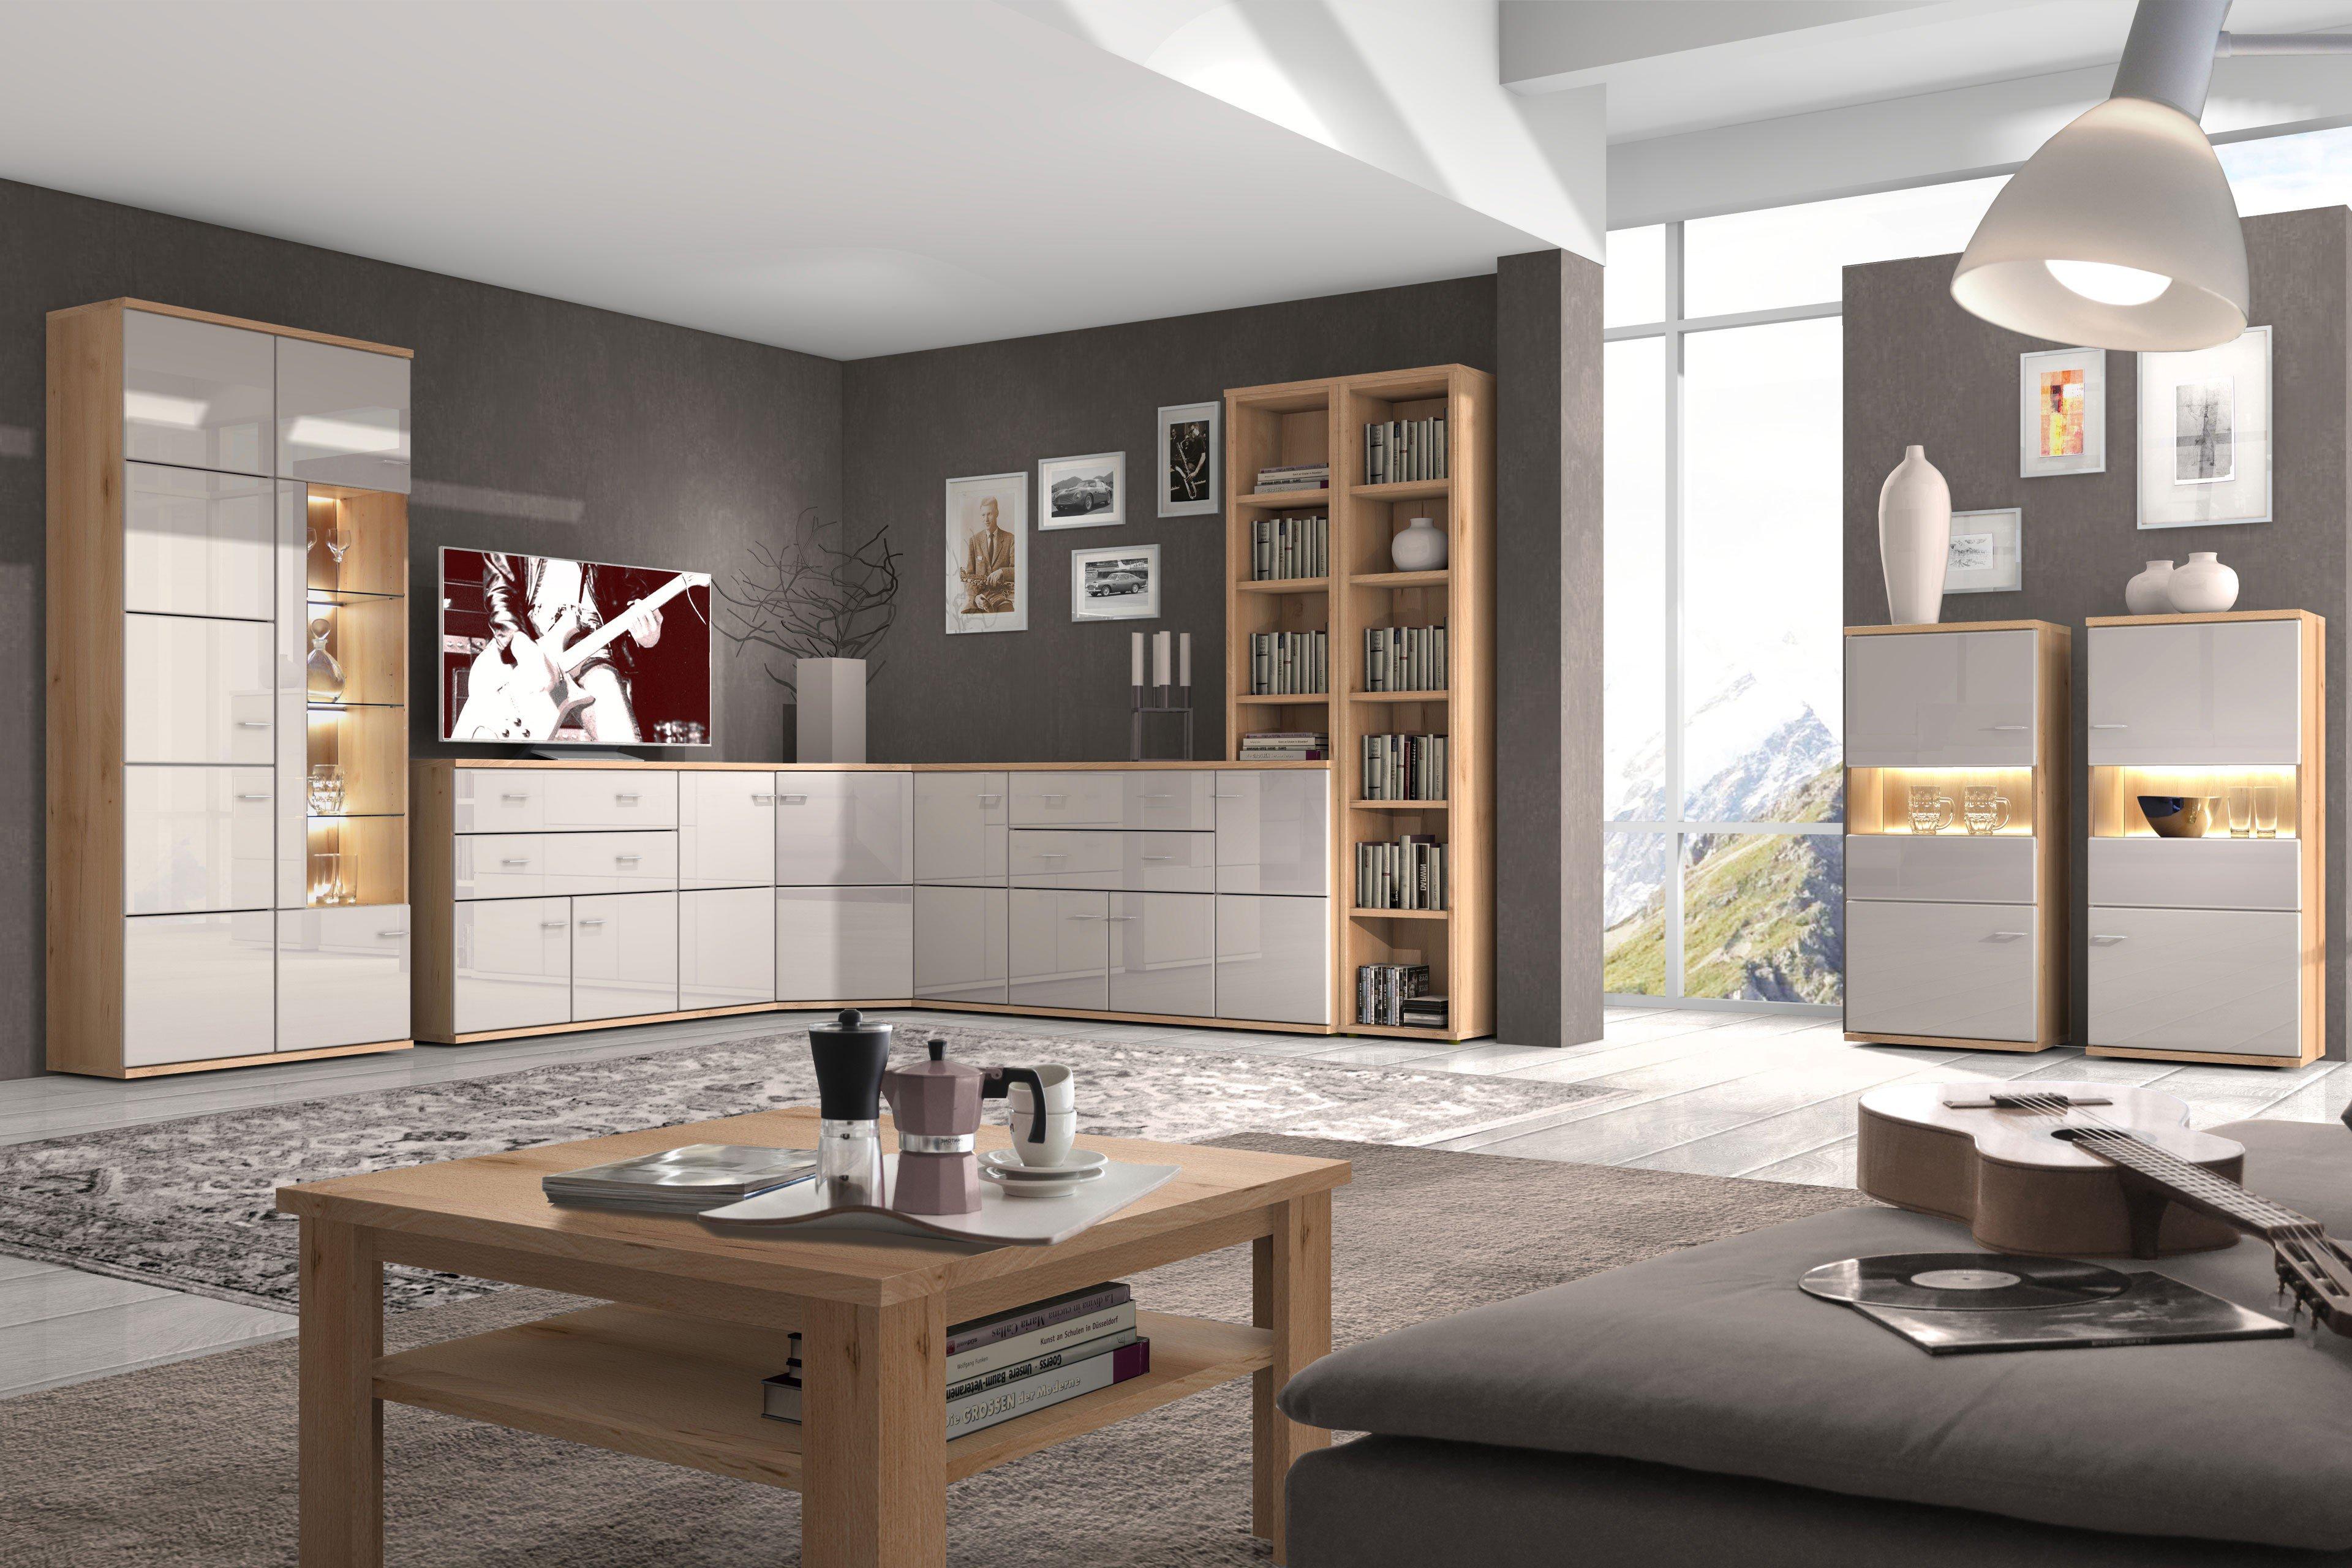 Eck Wohnwand Wohnzimmer ~ Stralsunder eck wohnwand largo naturbuche cappuccino